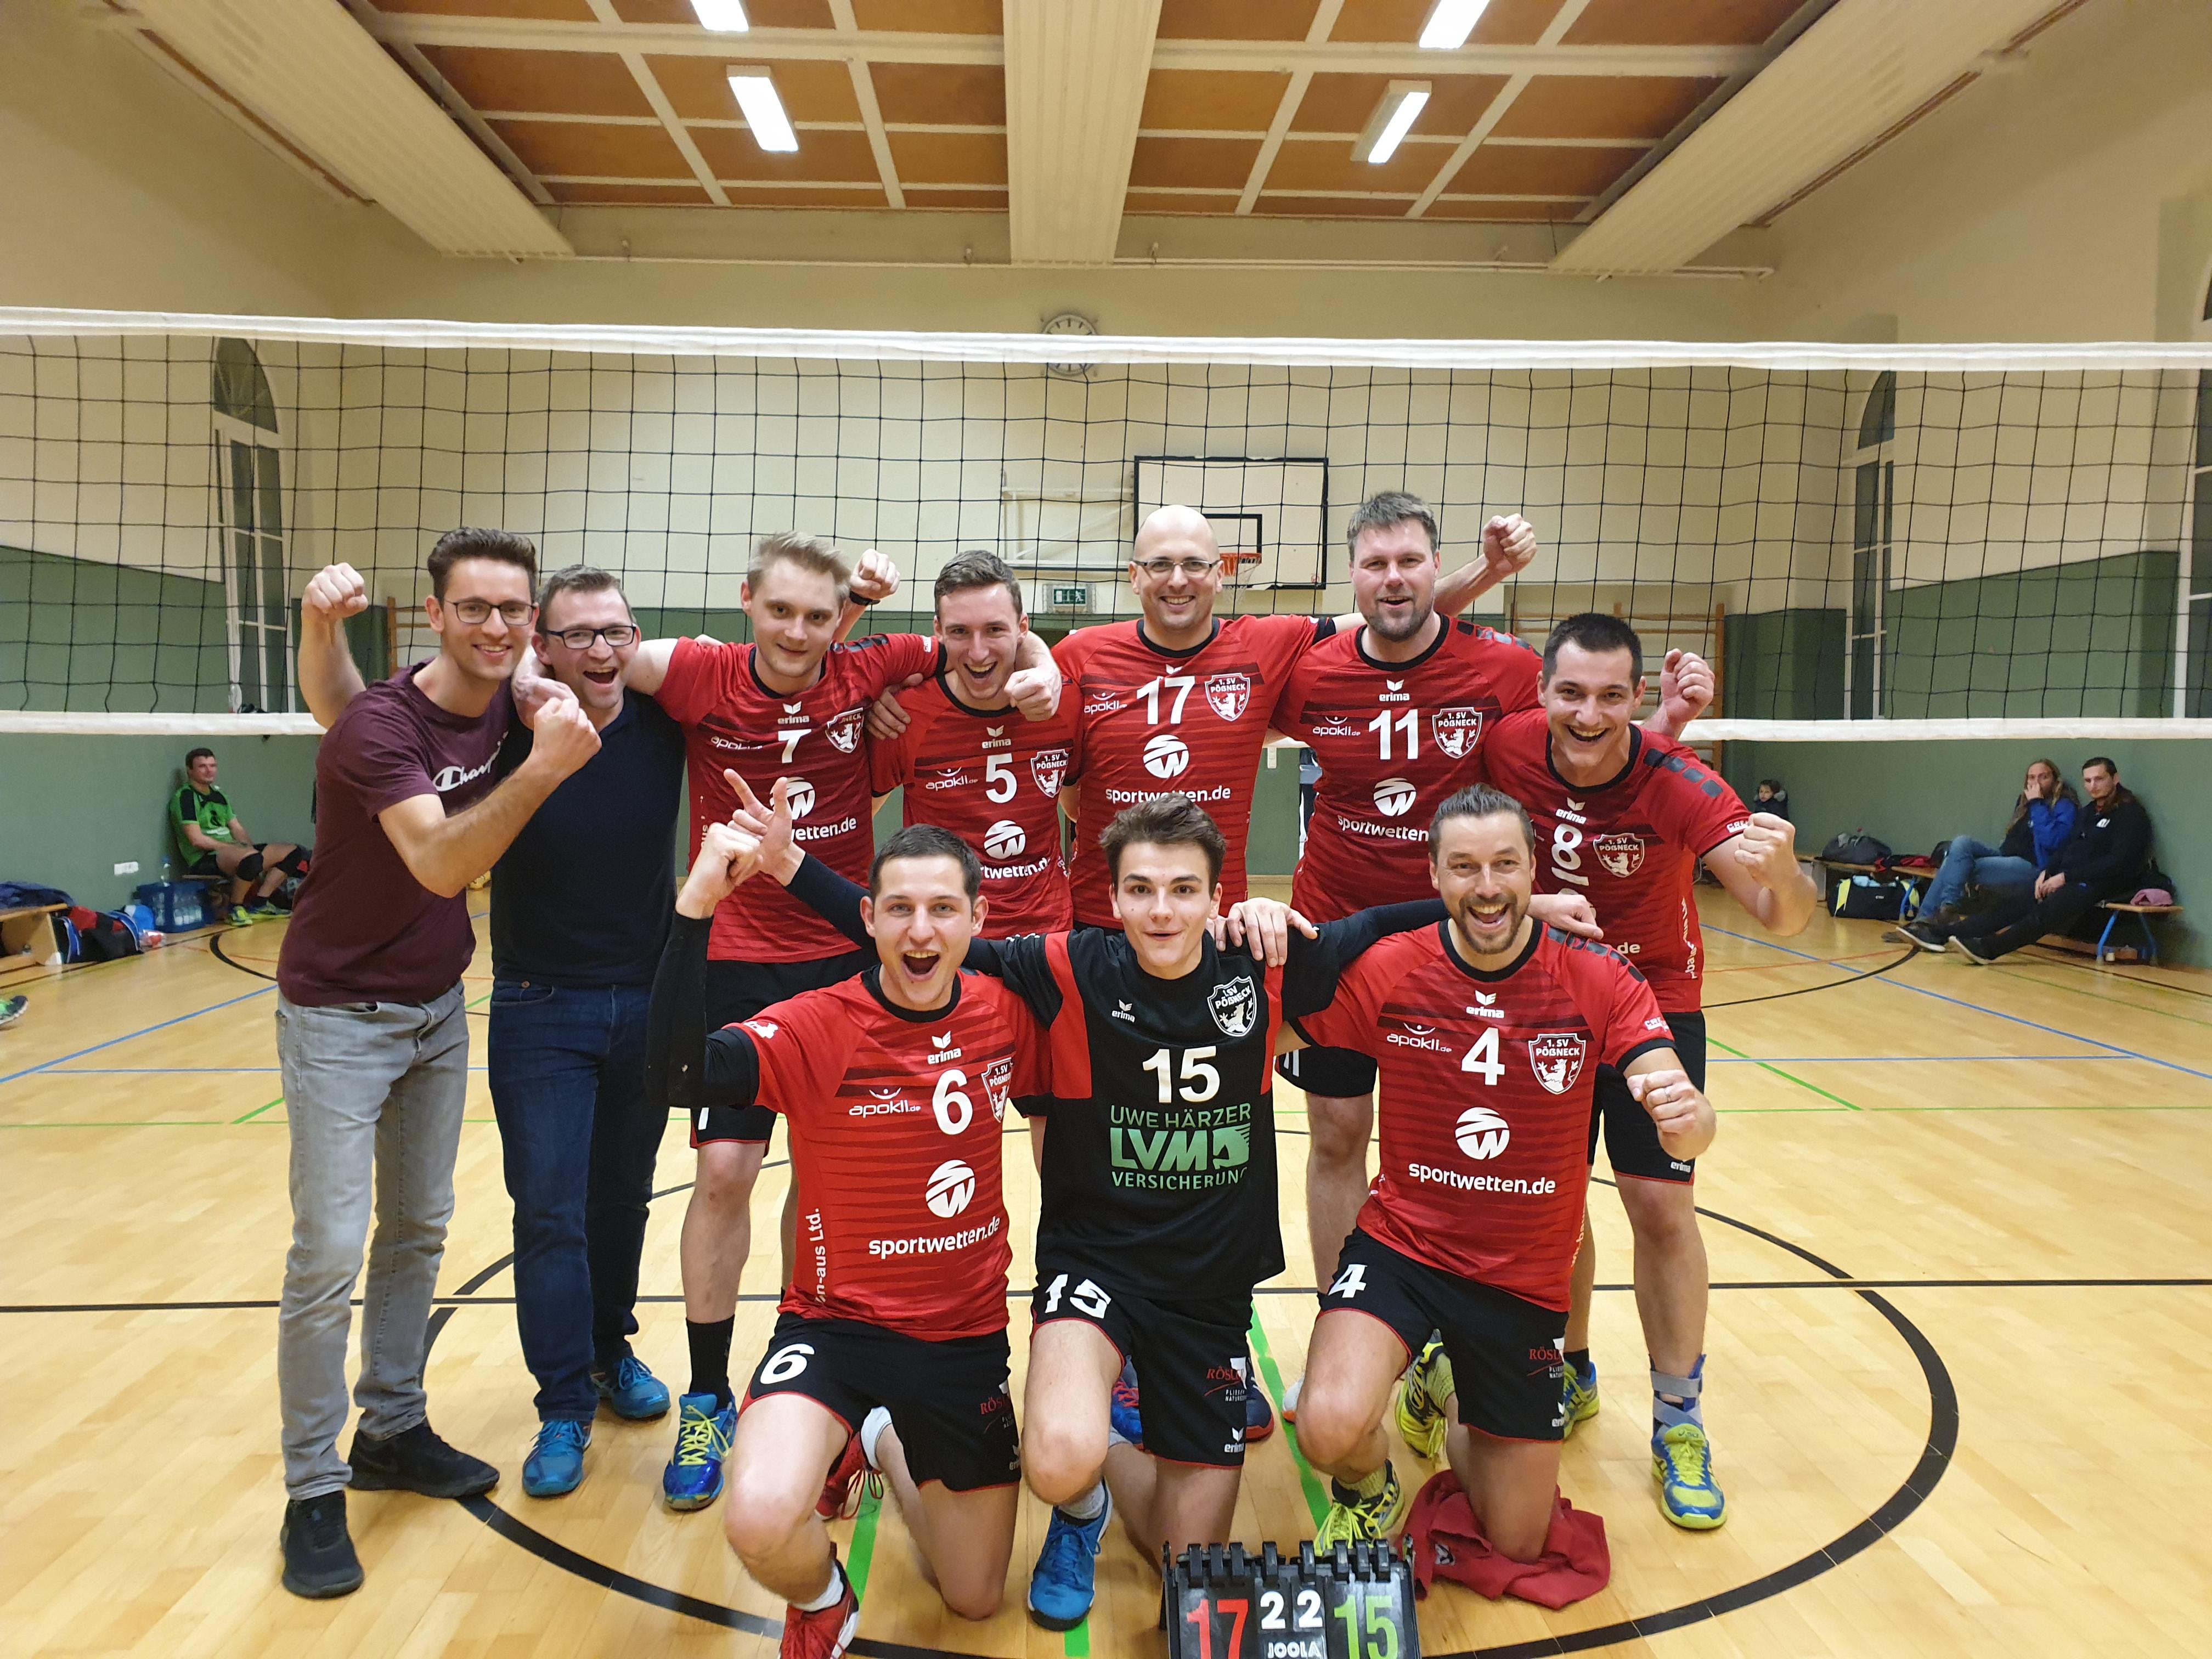 Bezirksliga Ost – Der Zeulenroda Krimi: Pößneck siegt im Spitzenspiel gegen Weimar II und baut Tabellenführung aus